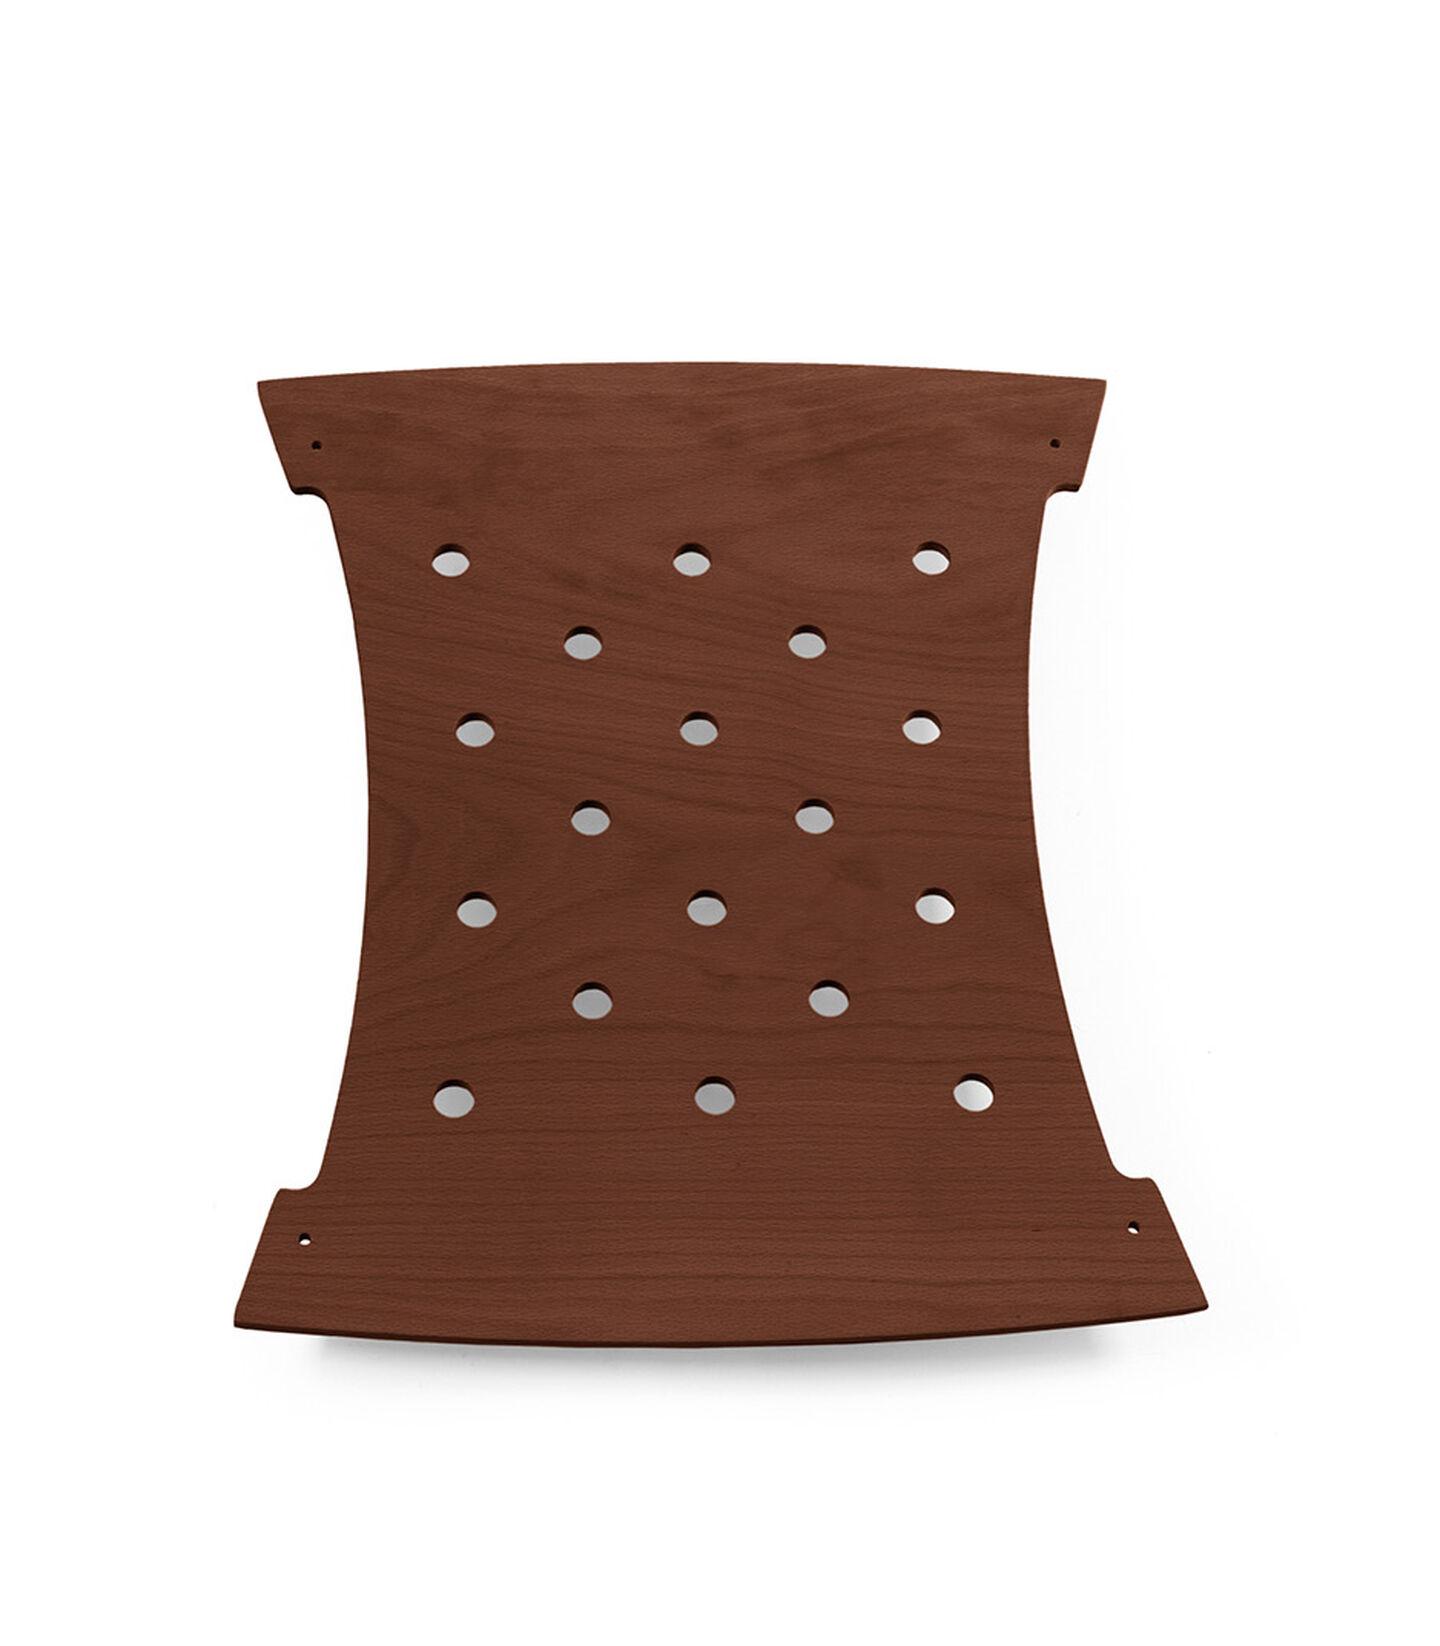 Stokke® Sleepi™ Plywood mid Brun noyer, Noyer, mainview view 2